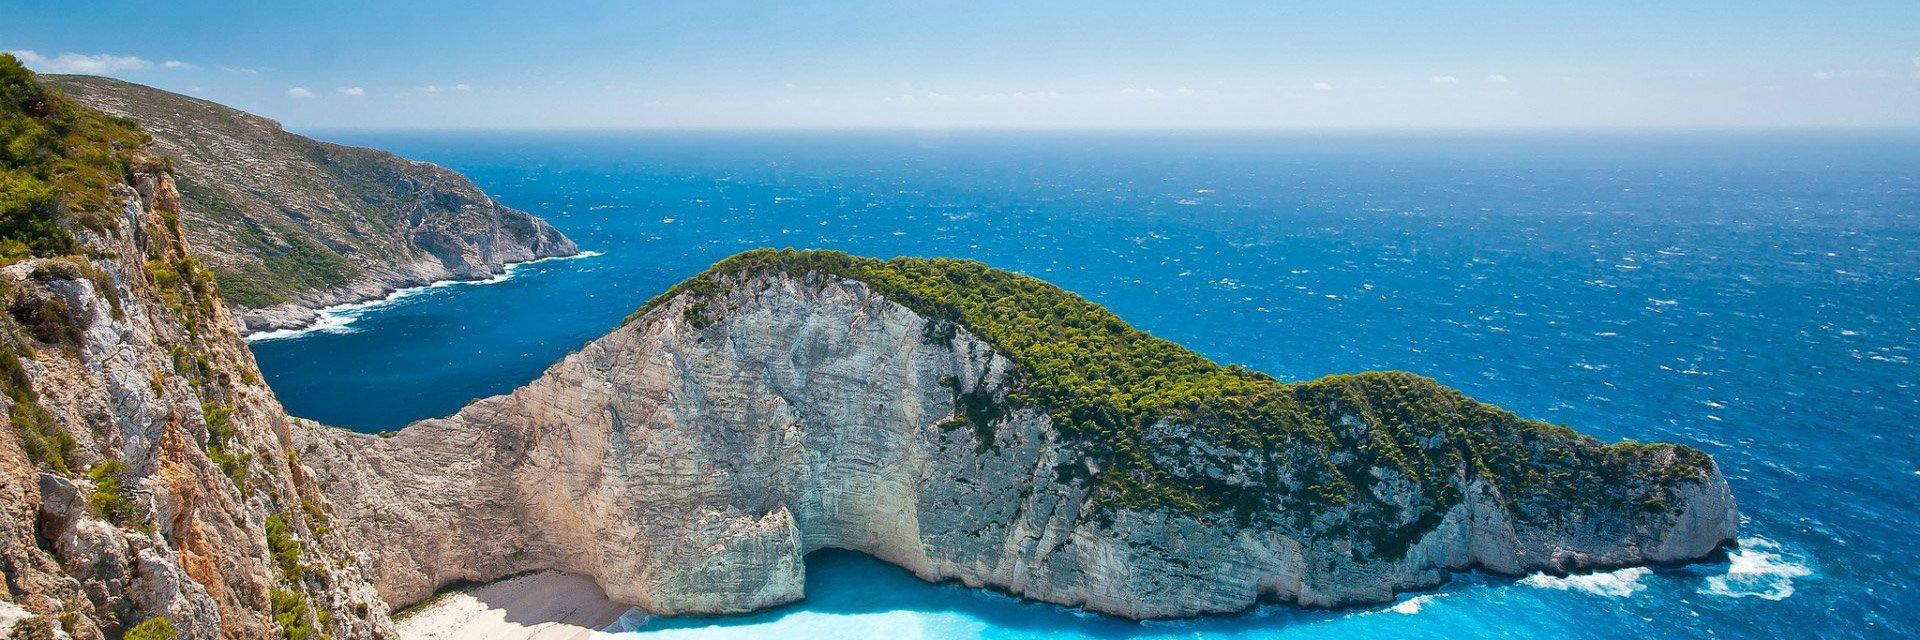 Grecian Sands Hotel 4* (Айя-Напа, Кипр) - цены, отзывы, фото, бронирование - ПАКС